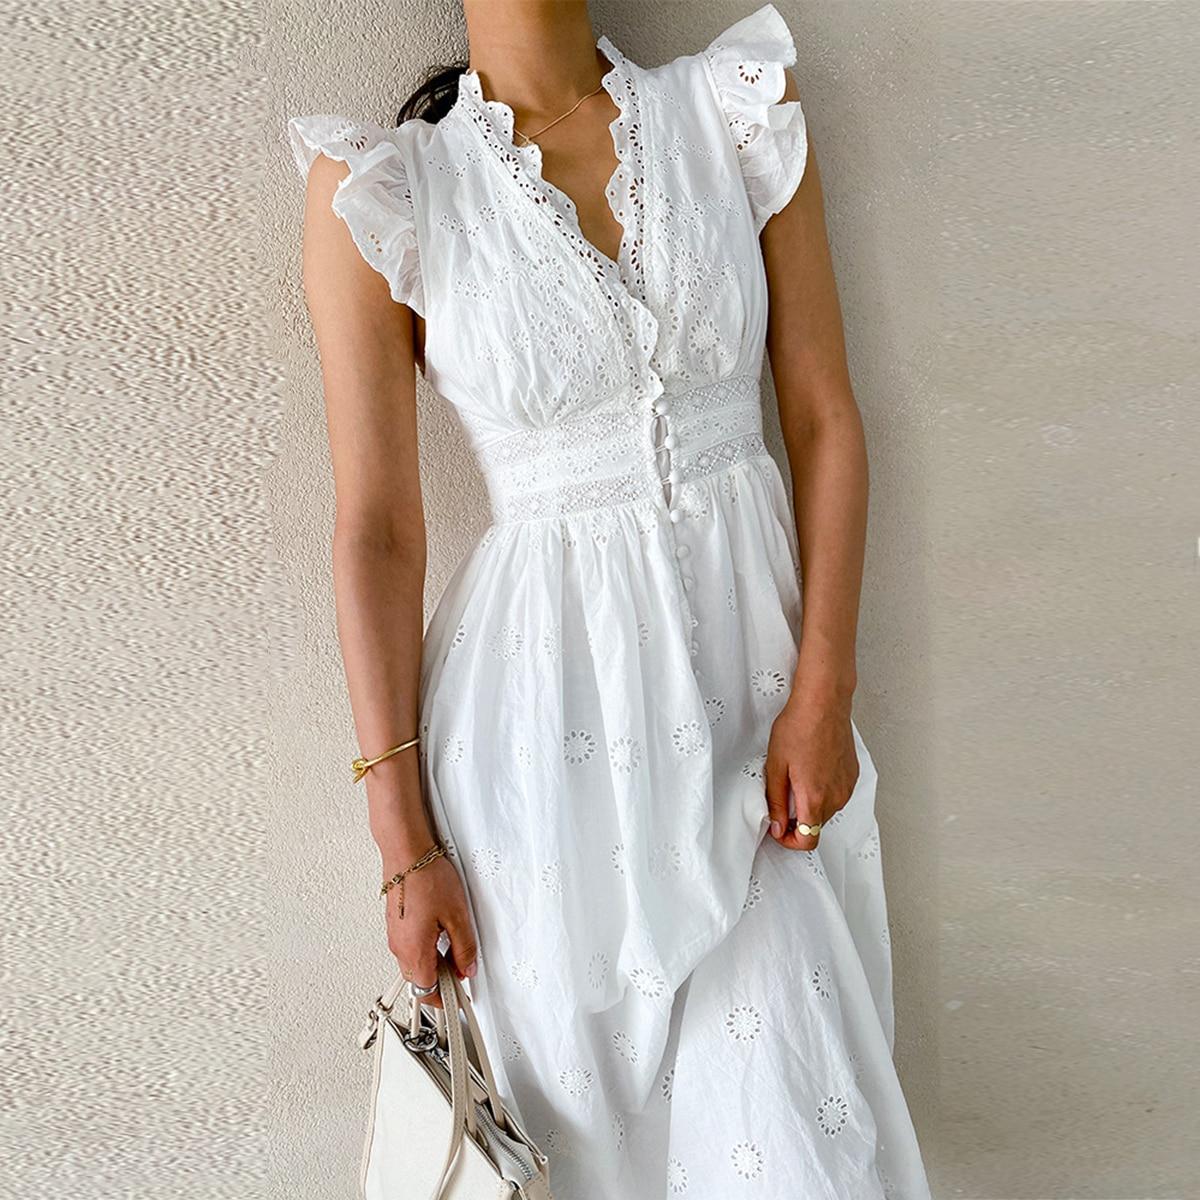 تطريز تحلق الأكمام المرأة فستان الصيف الخامس الرقبة عالية الخصر تونك قطن فساتين السيدات خمر شاطئ عادية البوهيمي Vestido